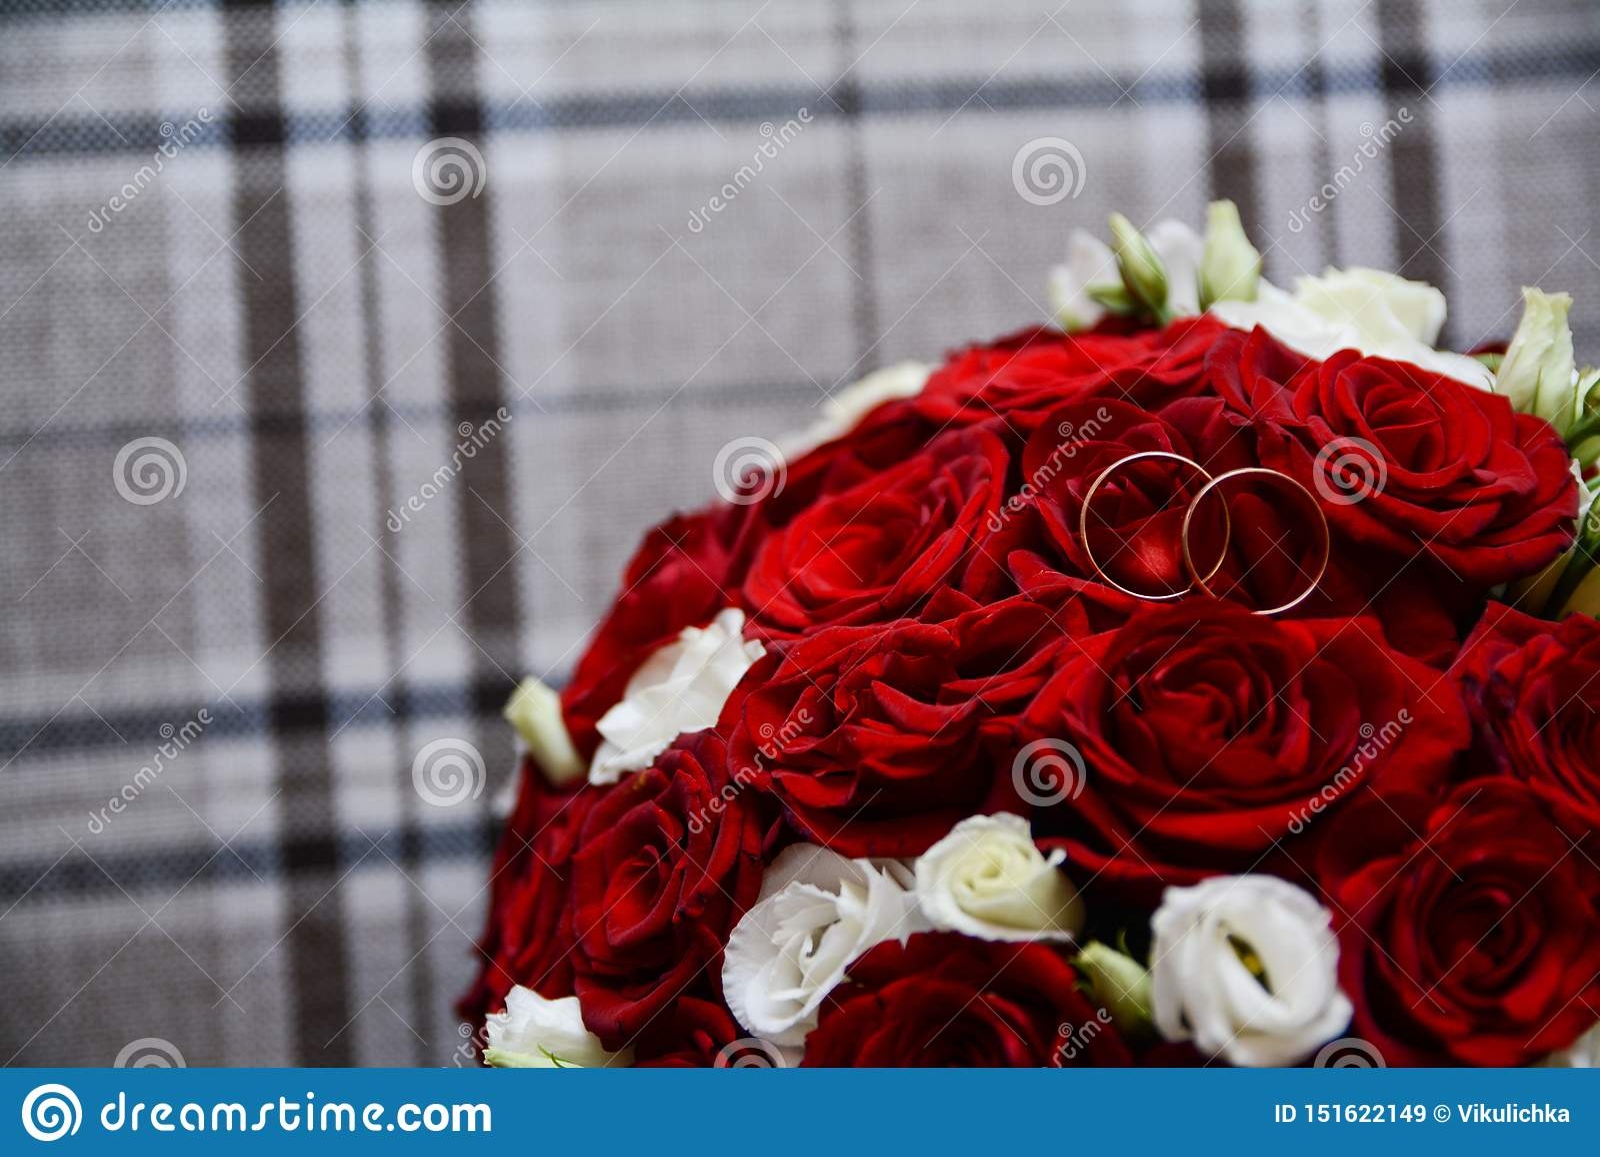 Épouser le bouquet des fleurs, thème de mariage, symbolique des histoires d amour